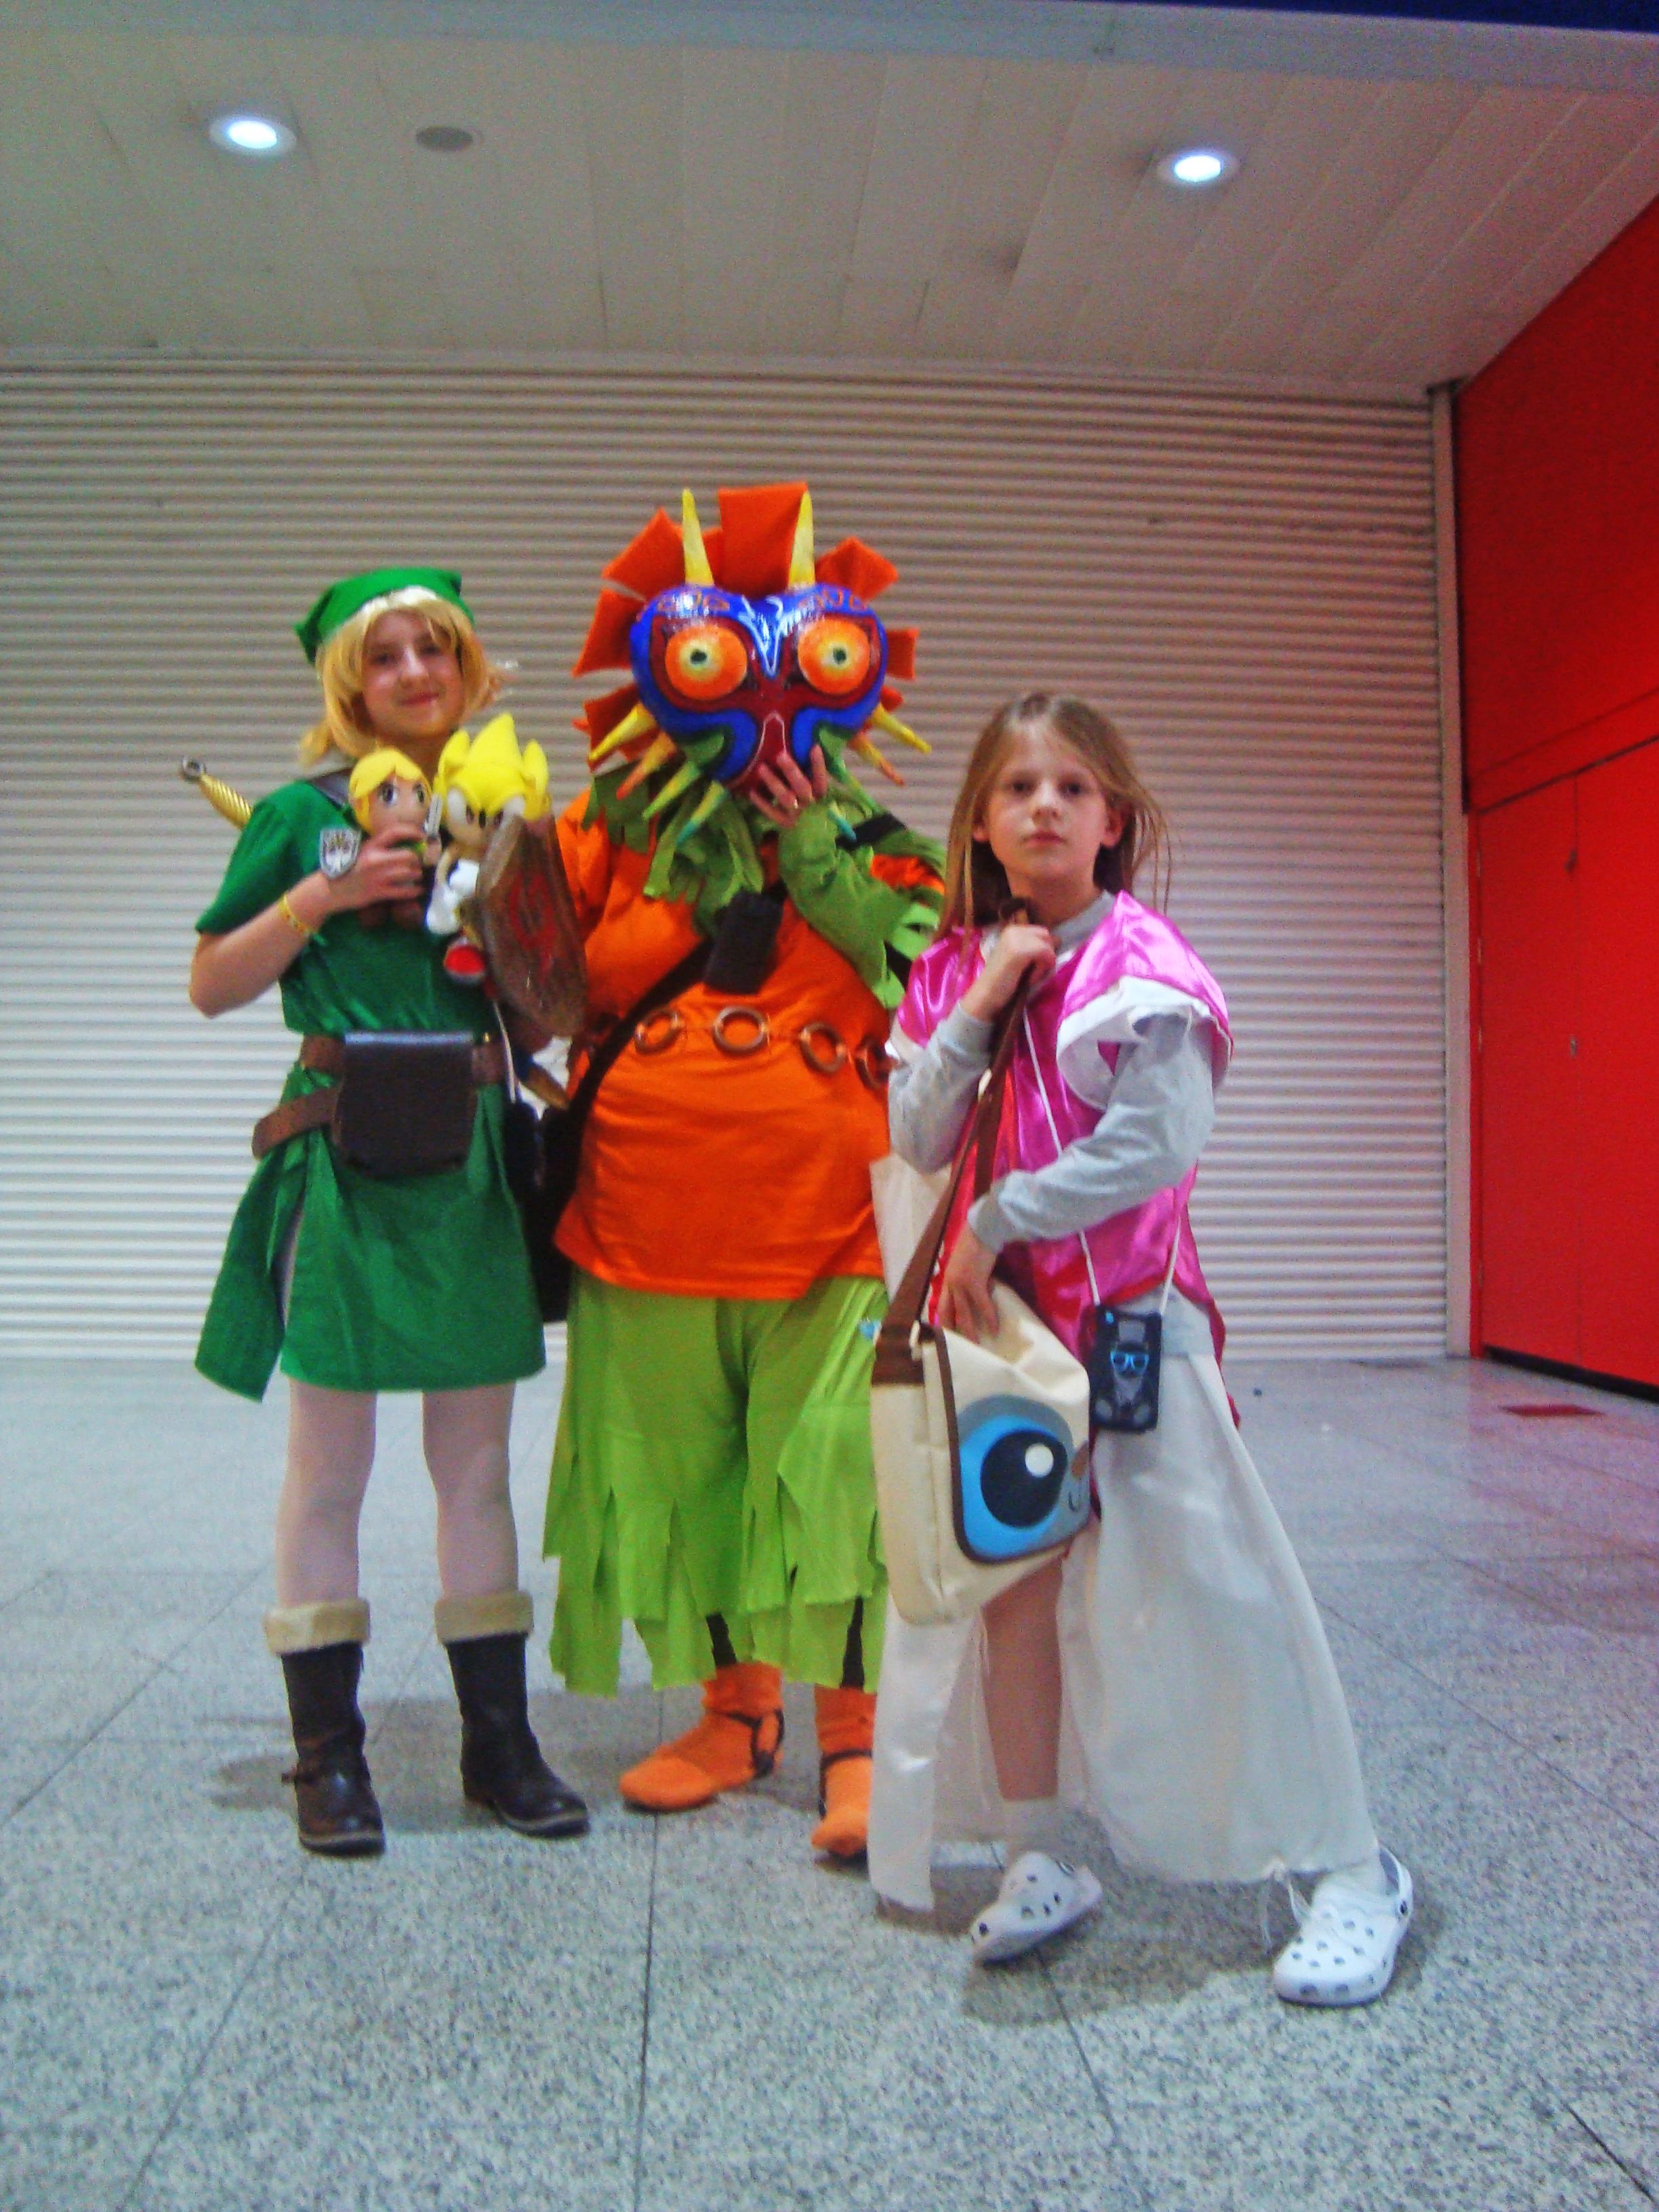 ... file mcm london 2018 zelda link skull kid 8963028010 ...  sc 1 st  Best Kids Costumes & Zelda Link Costume Kids - Best Kids Costumes